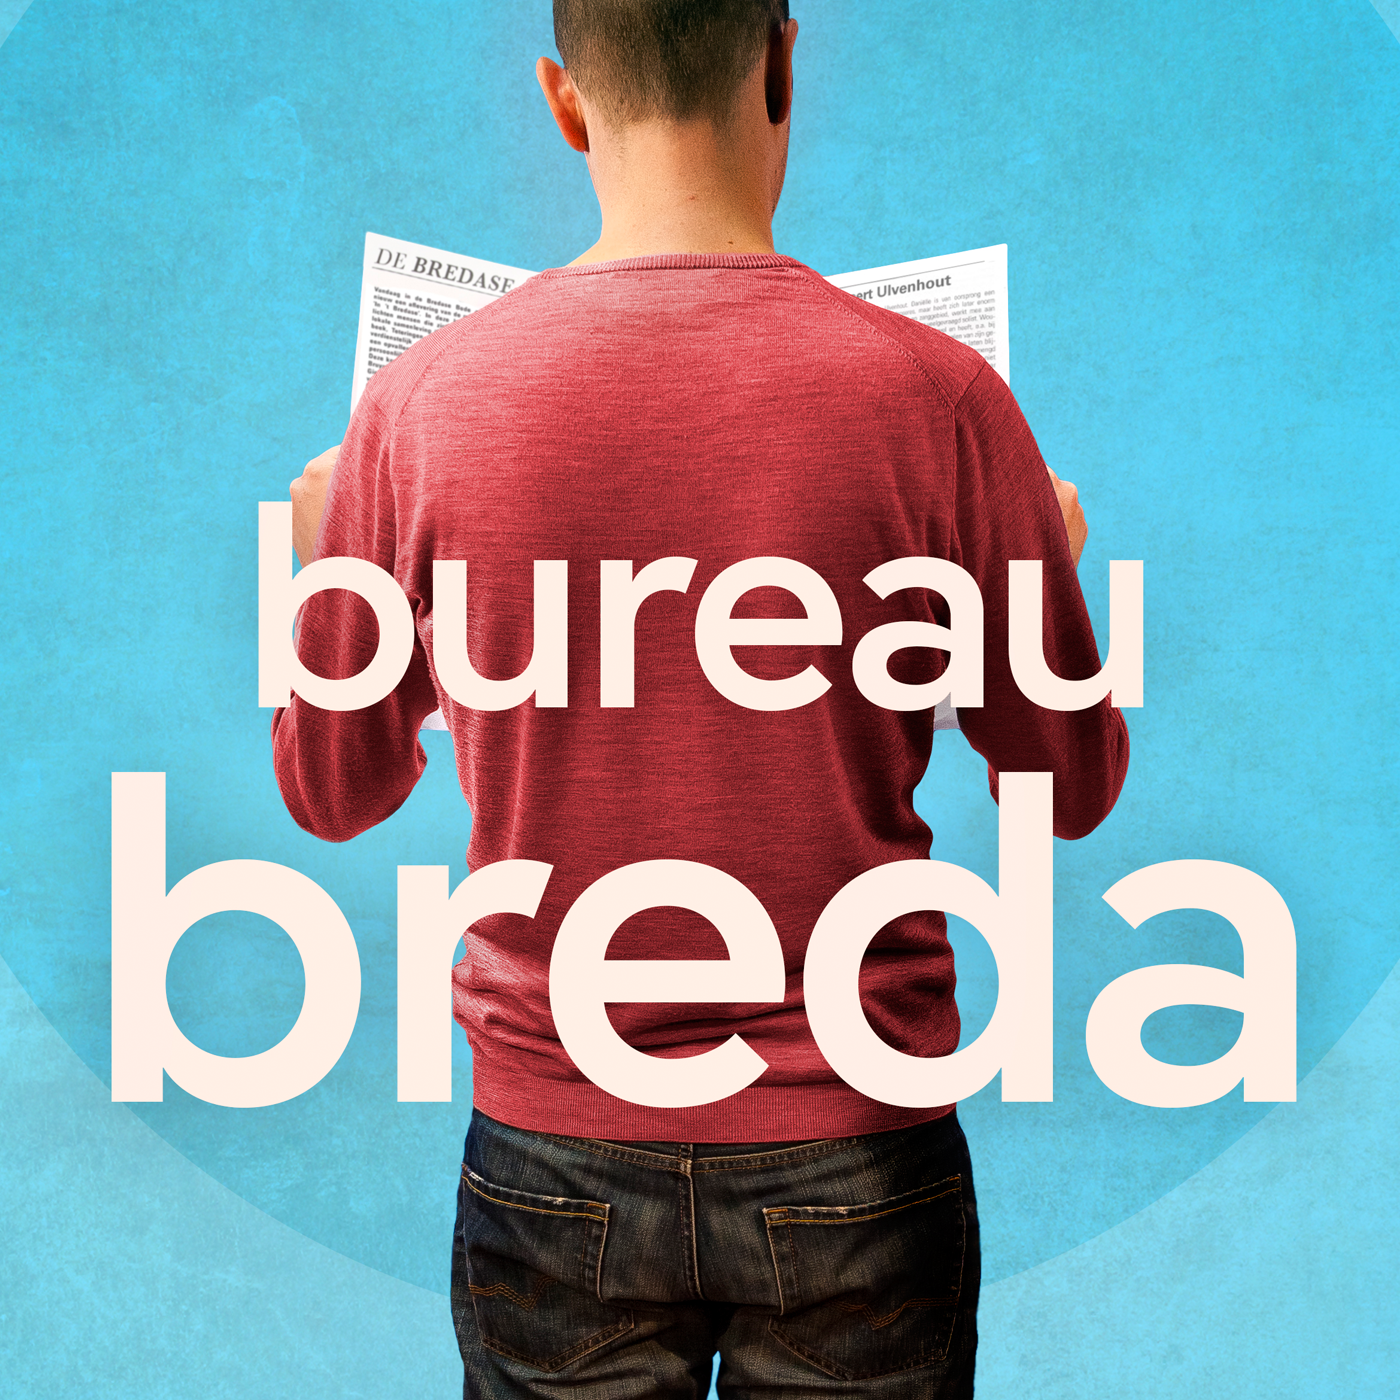 Bureau Breda